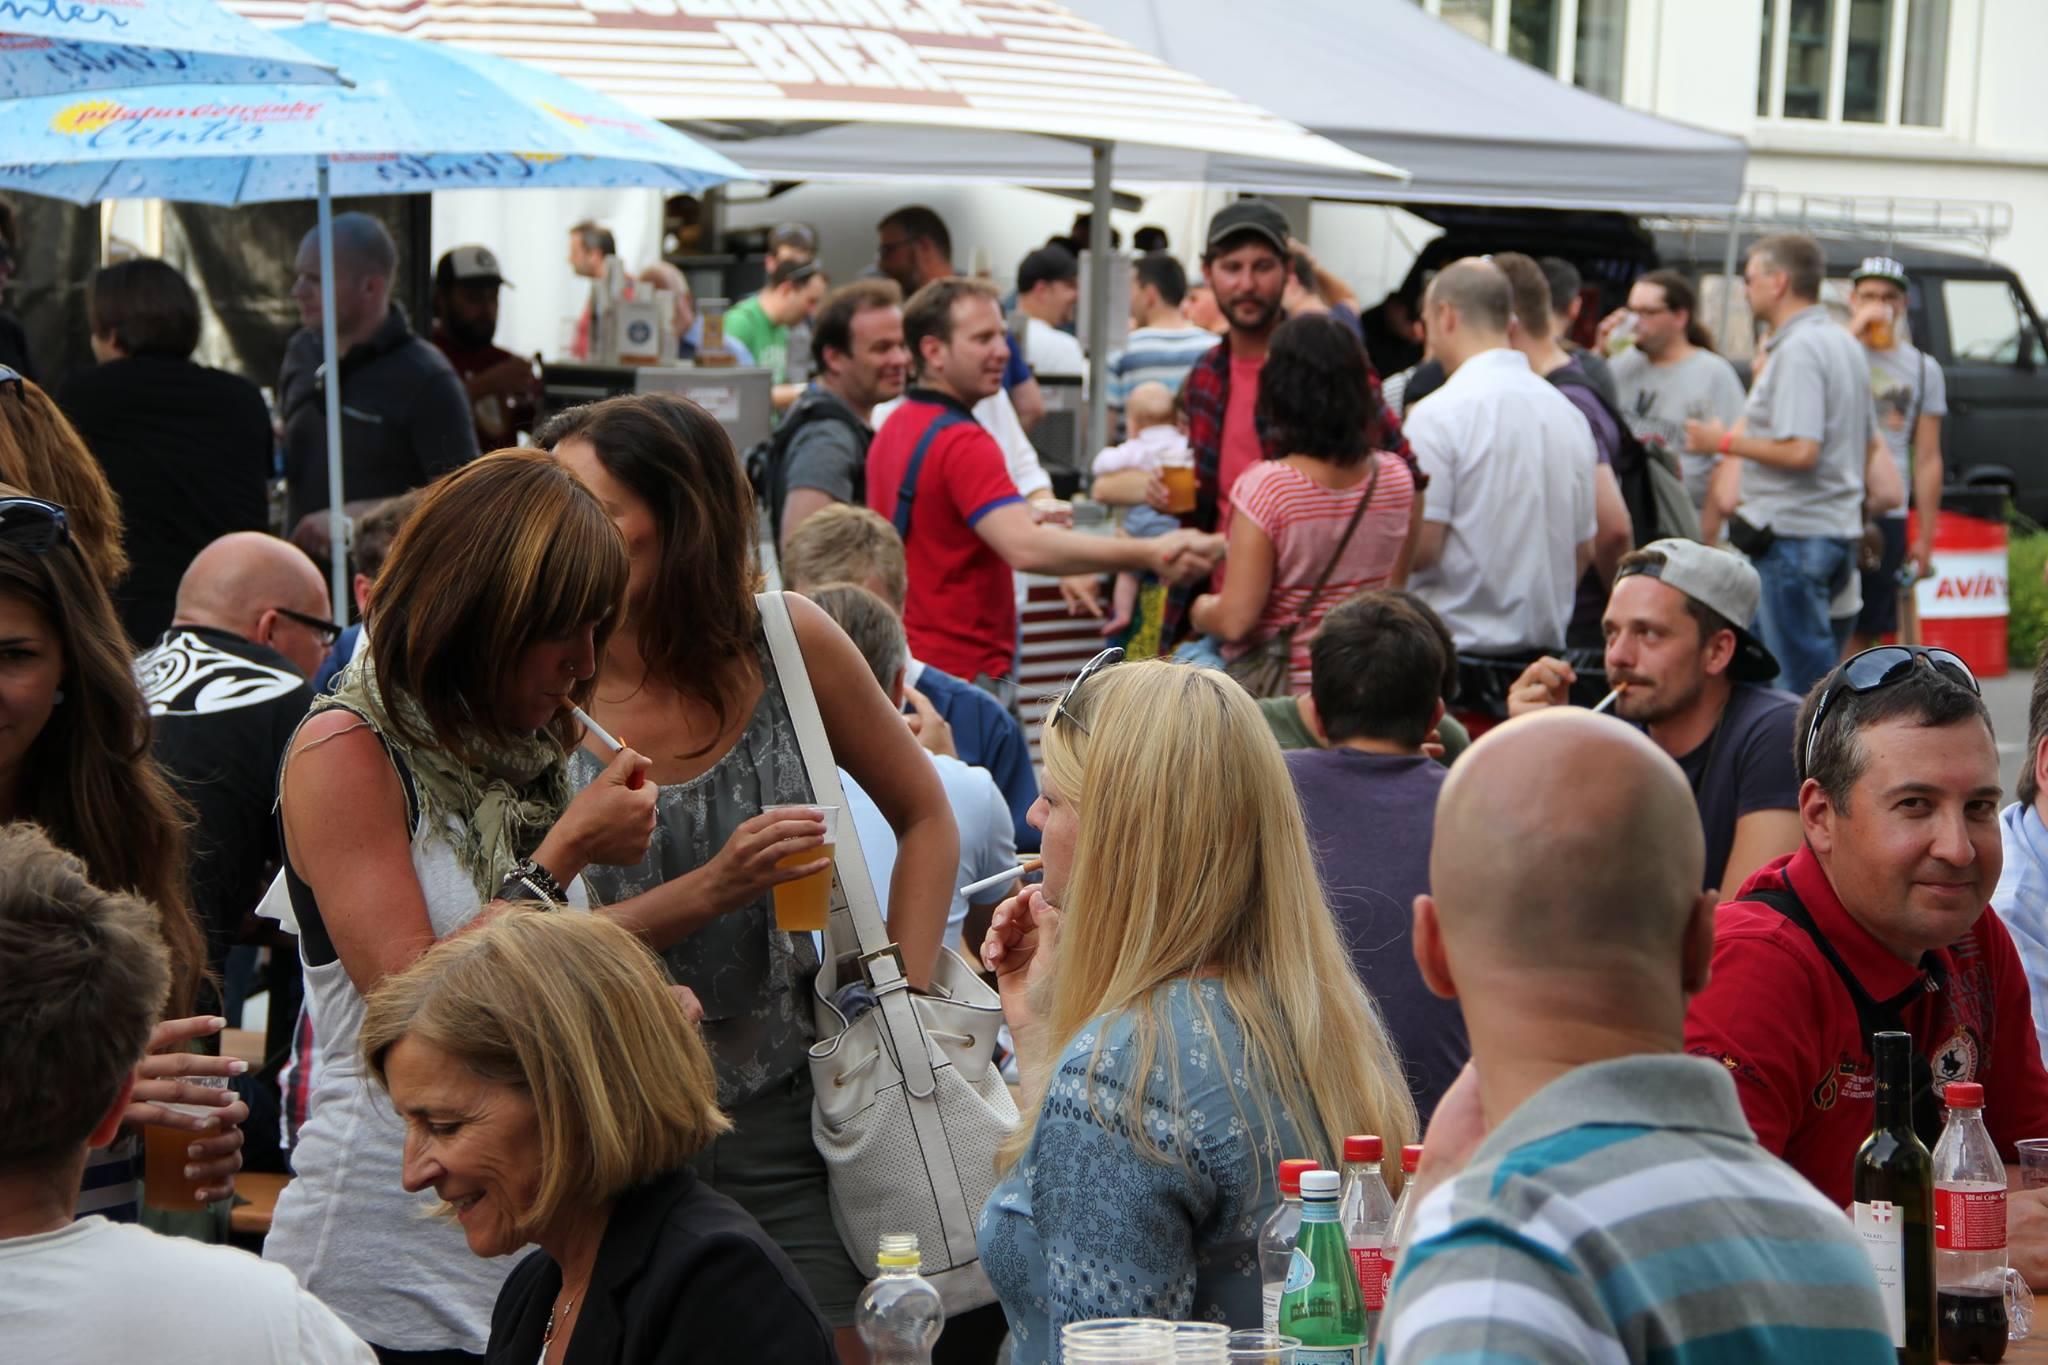 Dass Bierfeste im Volk beliebt sind, hat die Jubiläumsfeier des Luzerner Biers gezeigt.